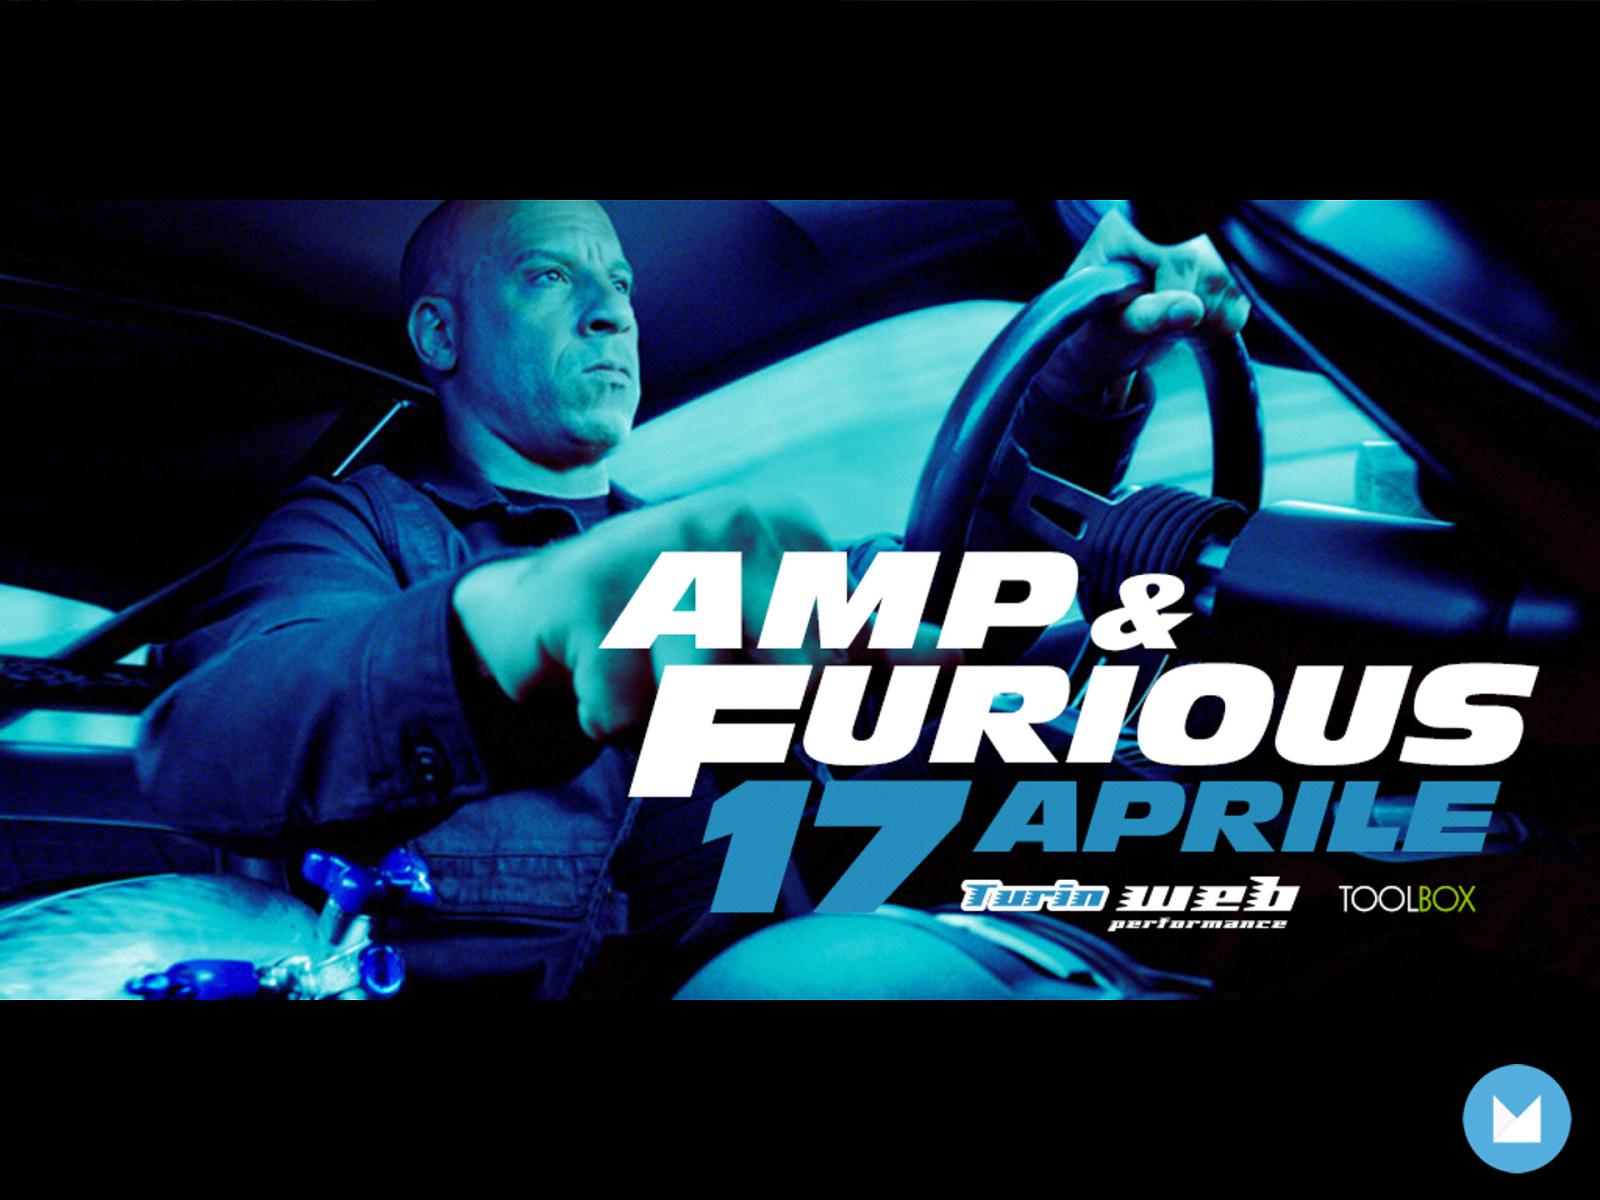 AMP & Furious